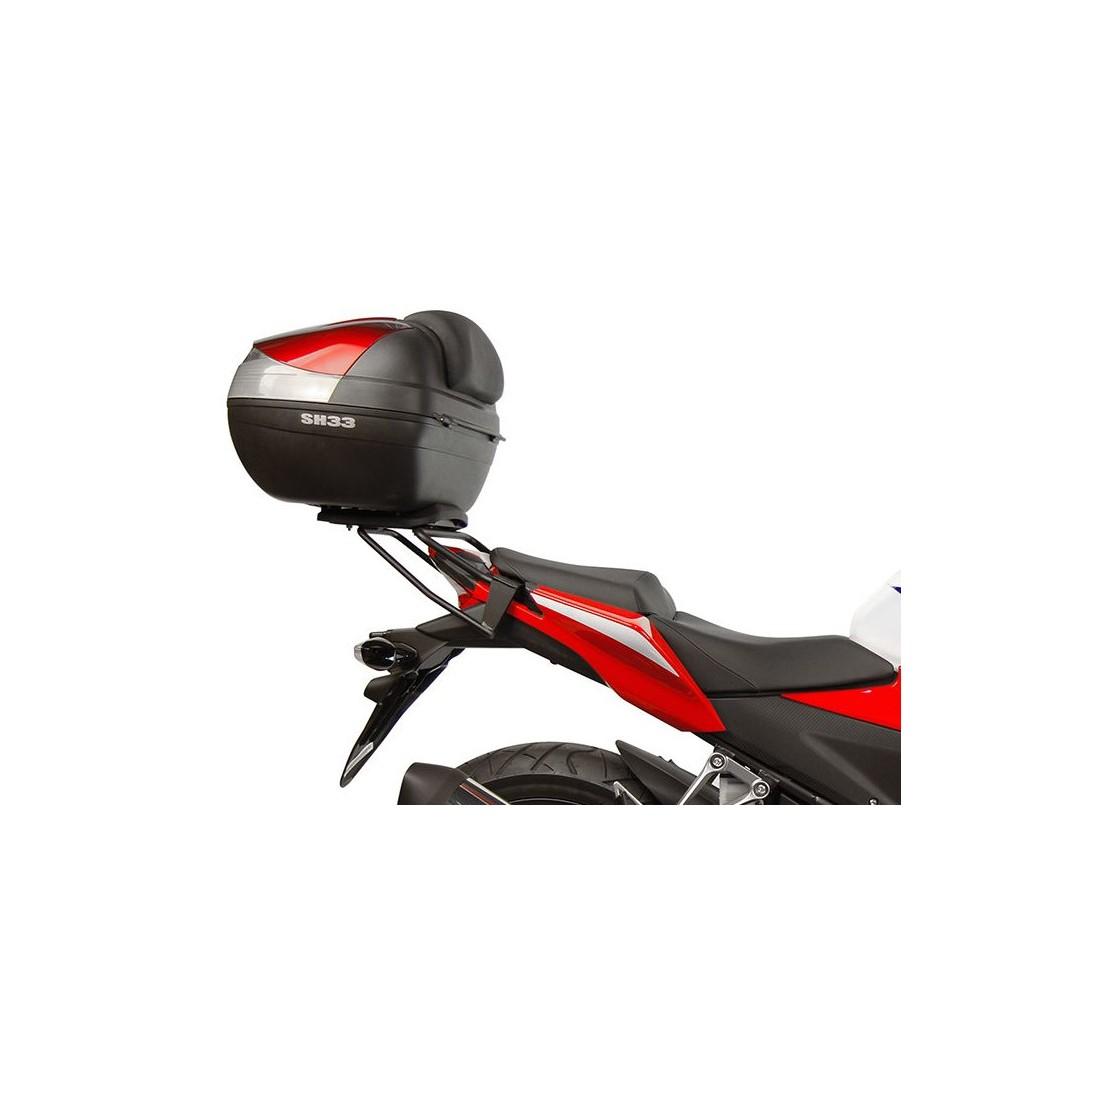 Fijación Top Master Shad Honda CB300 R/F 11-16 CBR 125/250 11-17